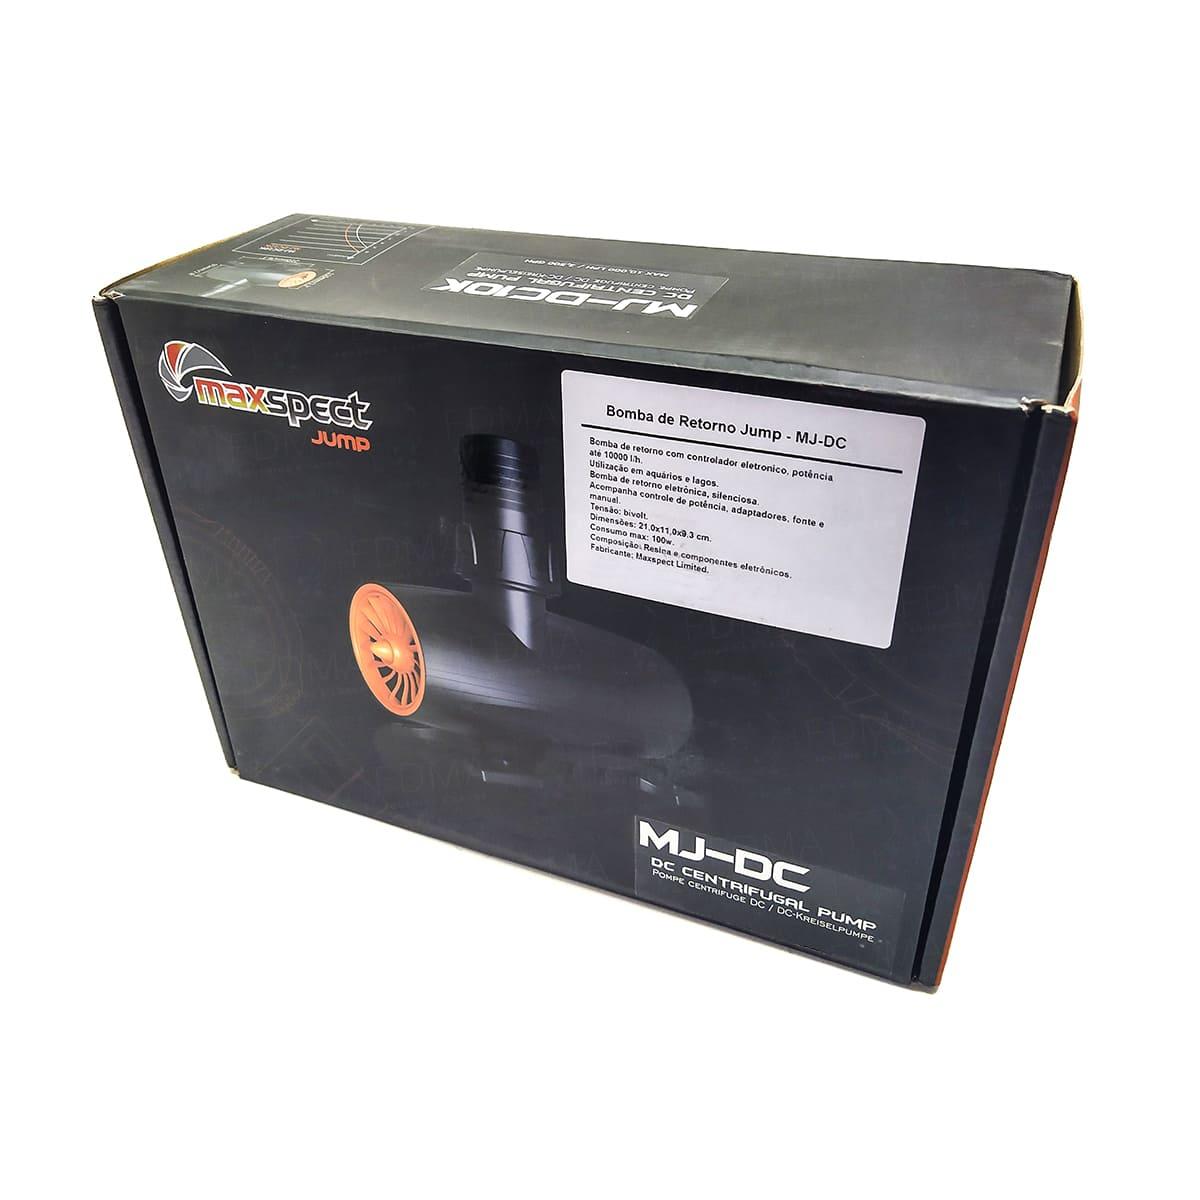 Maxspect MJ-DC 8K Bomba de Retorno DC c/ Controle - Bivolt